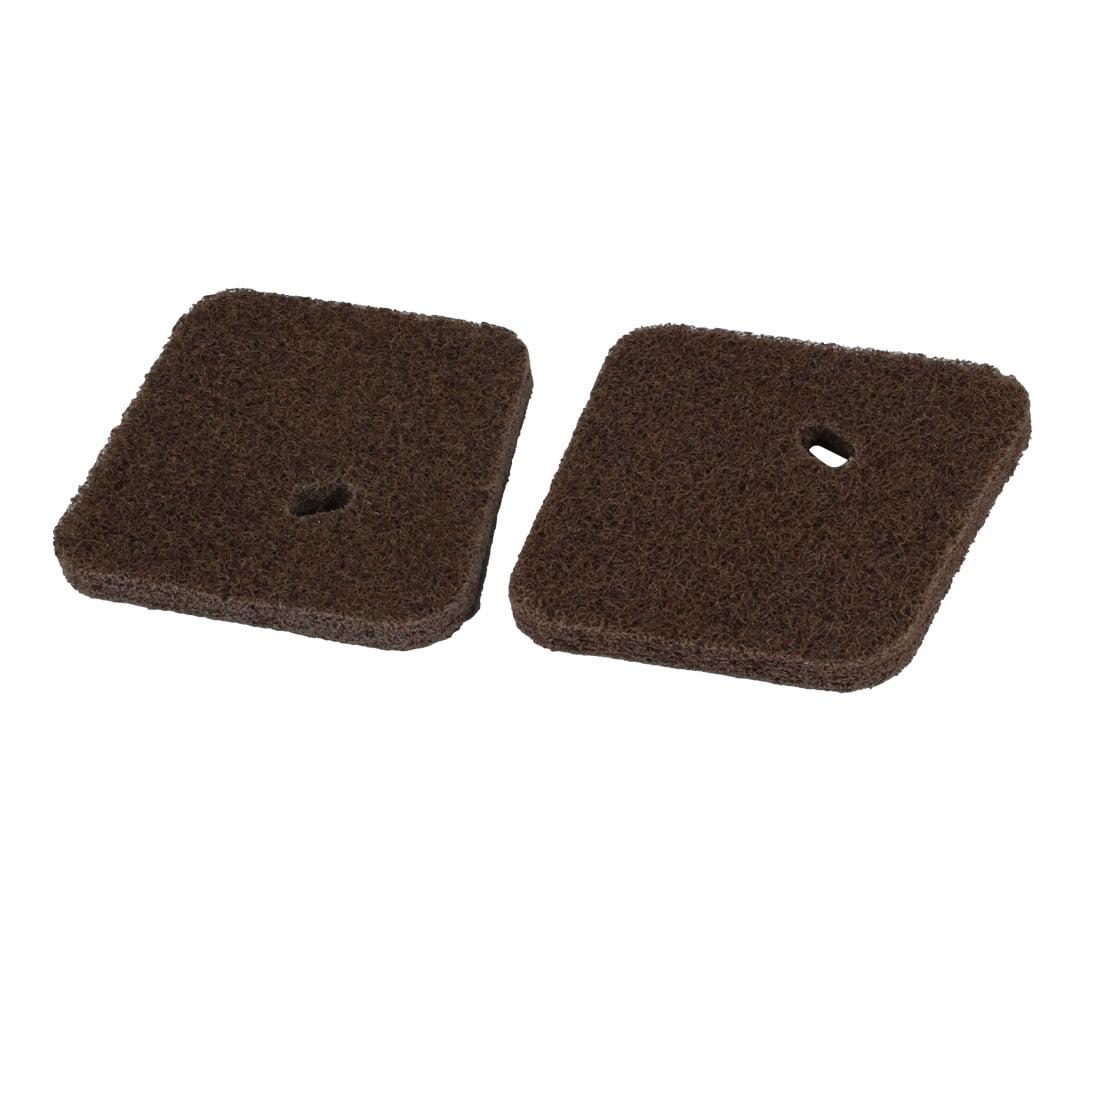 Unique Bargains 2 pcs Replacement Parts Cotton Air Filter Cleaner for FS55 String Trimmer by Unique-Bargains